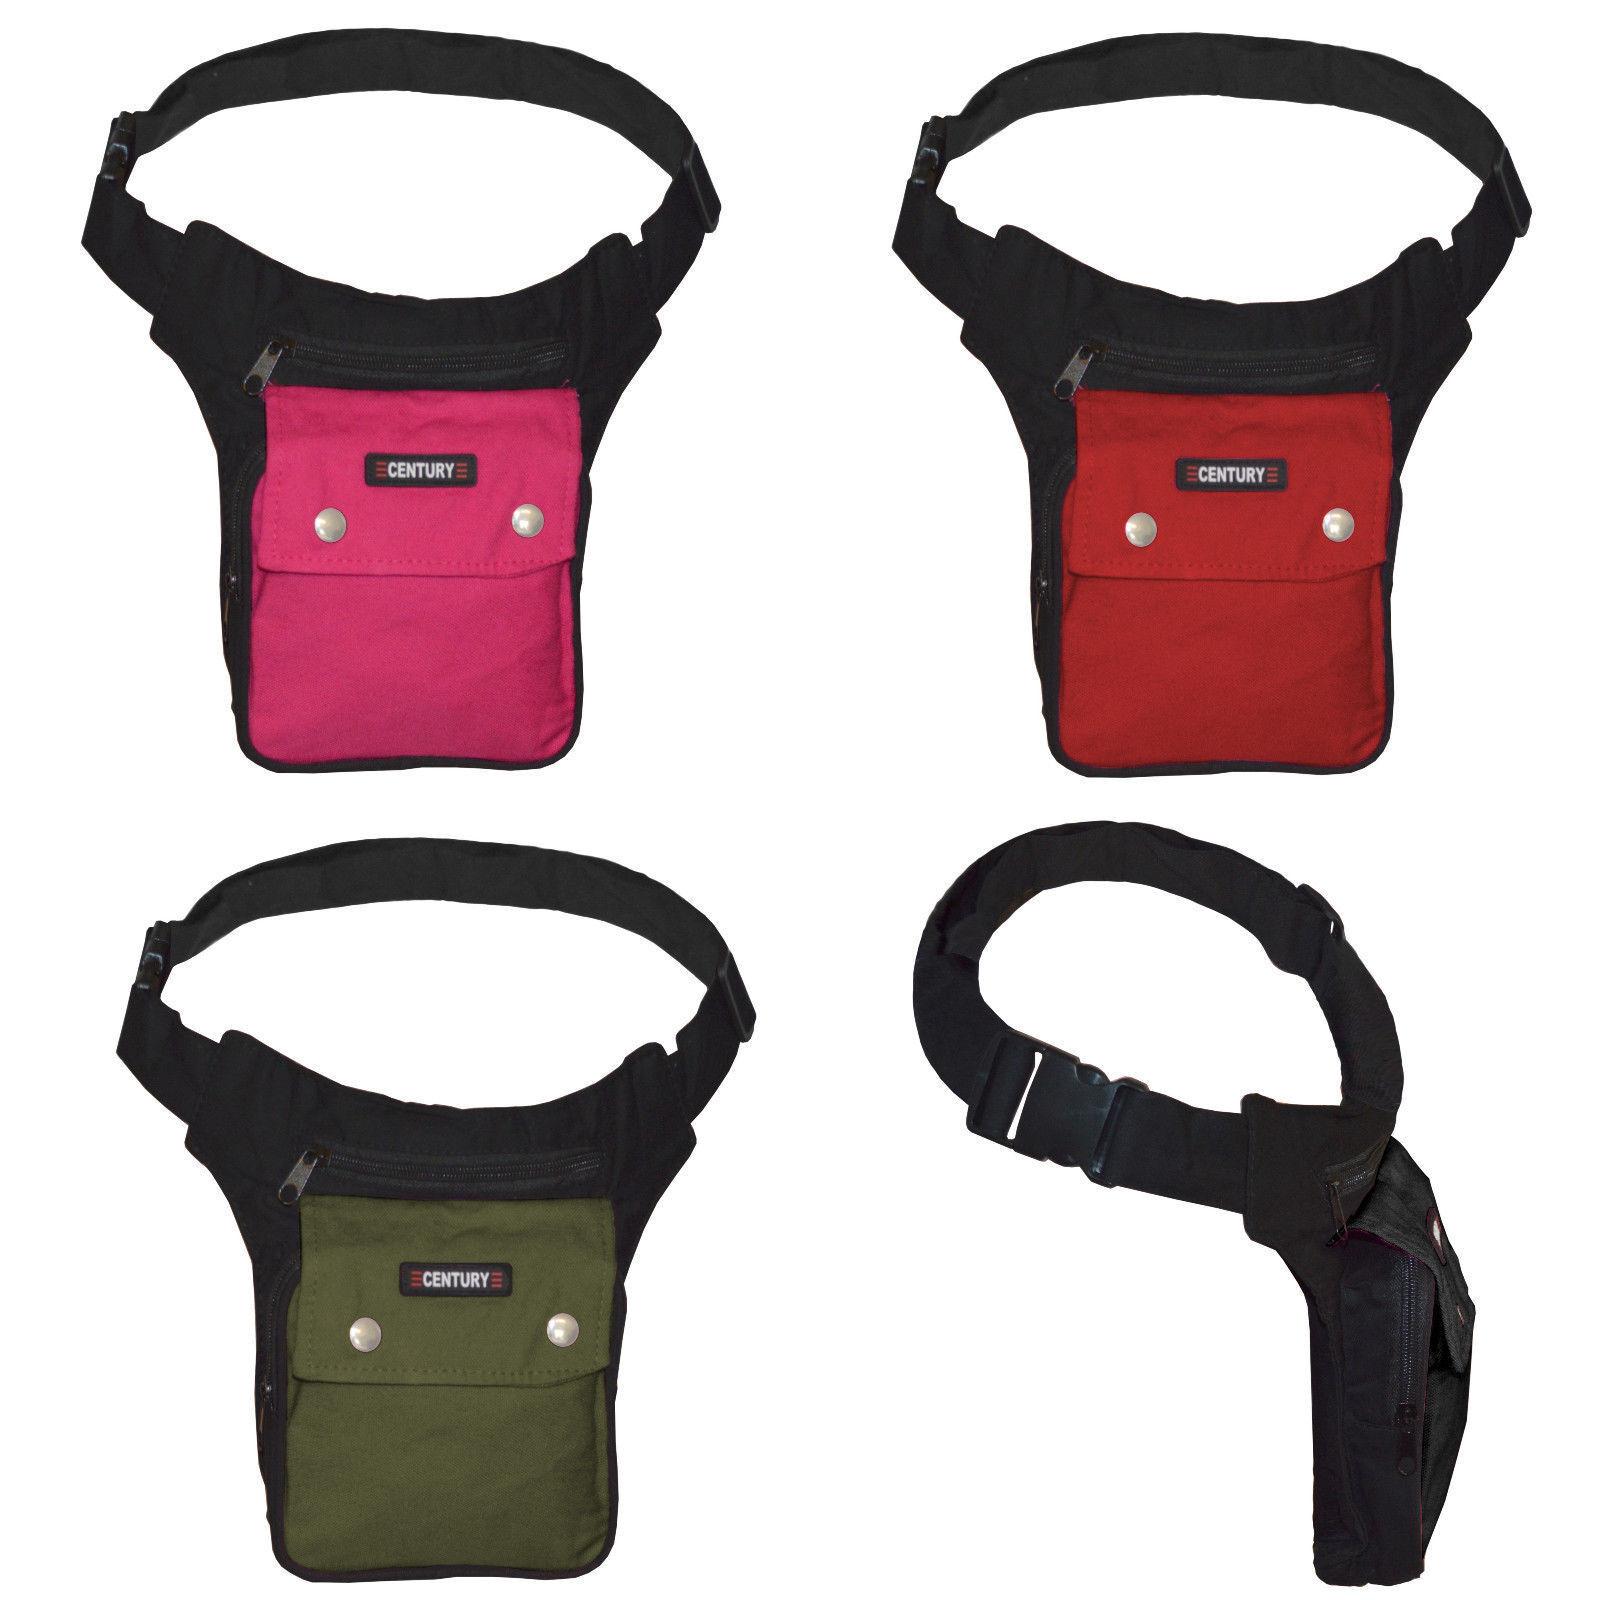 Gürteltasche Sidebag Bauchtasche 3-Fächer Stoff Umhängetasche